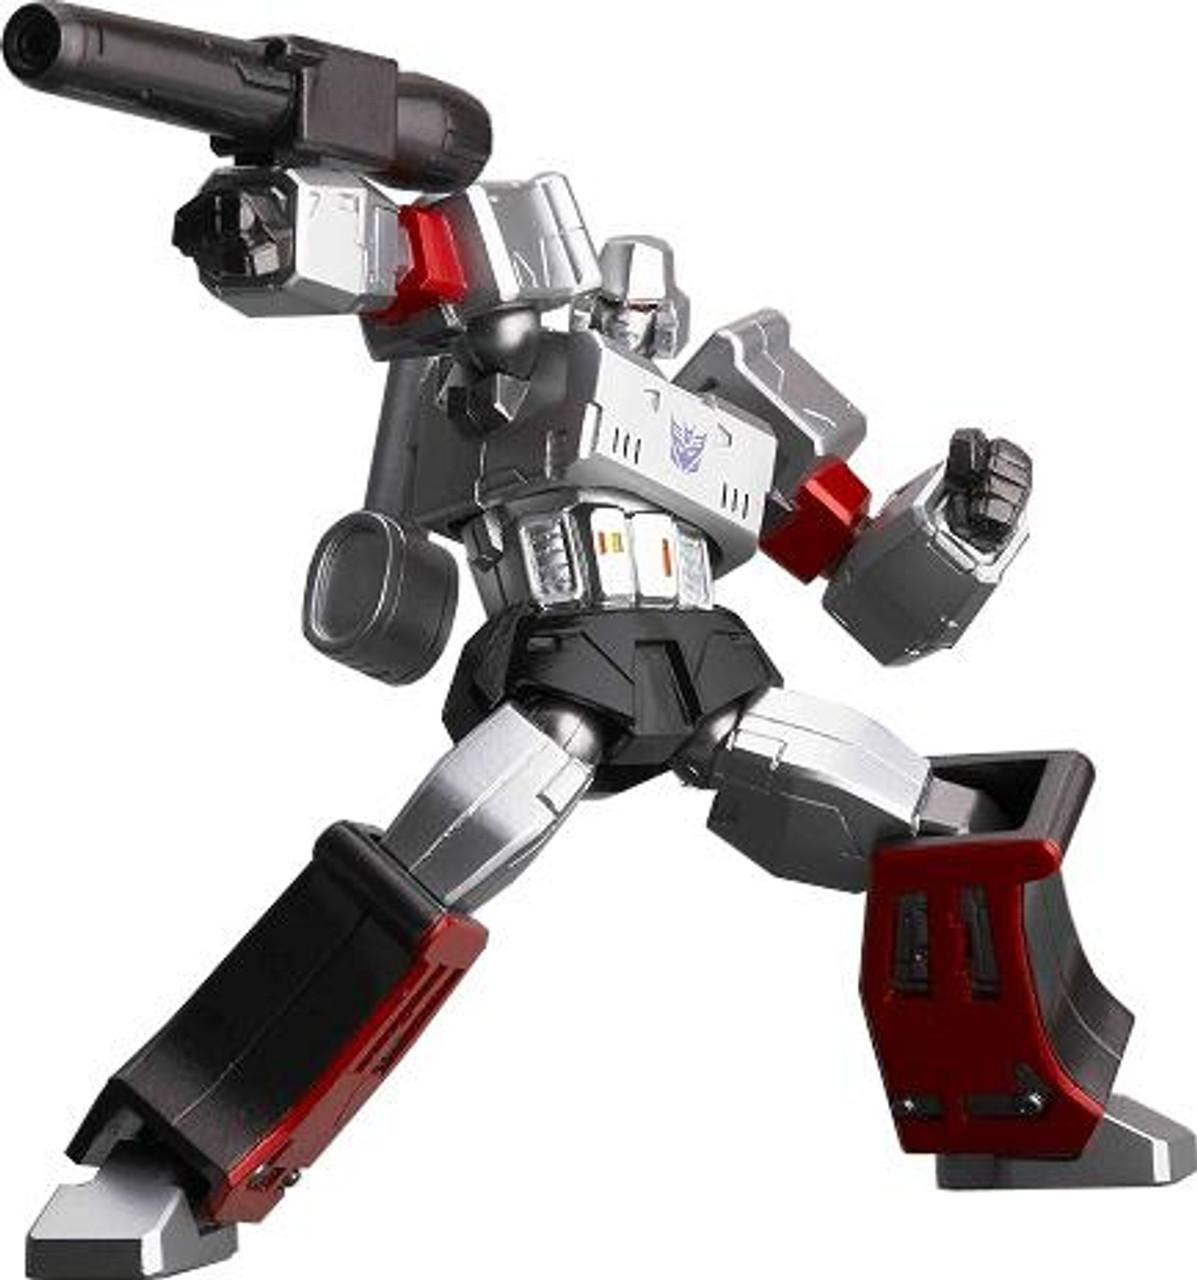 Transformers Japanese Revoltech Megatron Action Figure #025